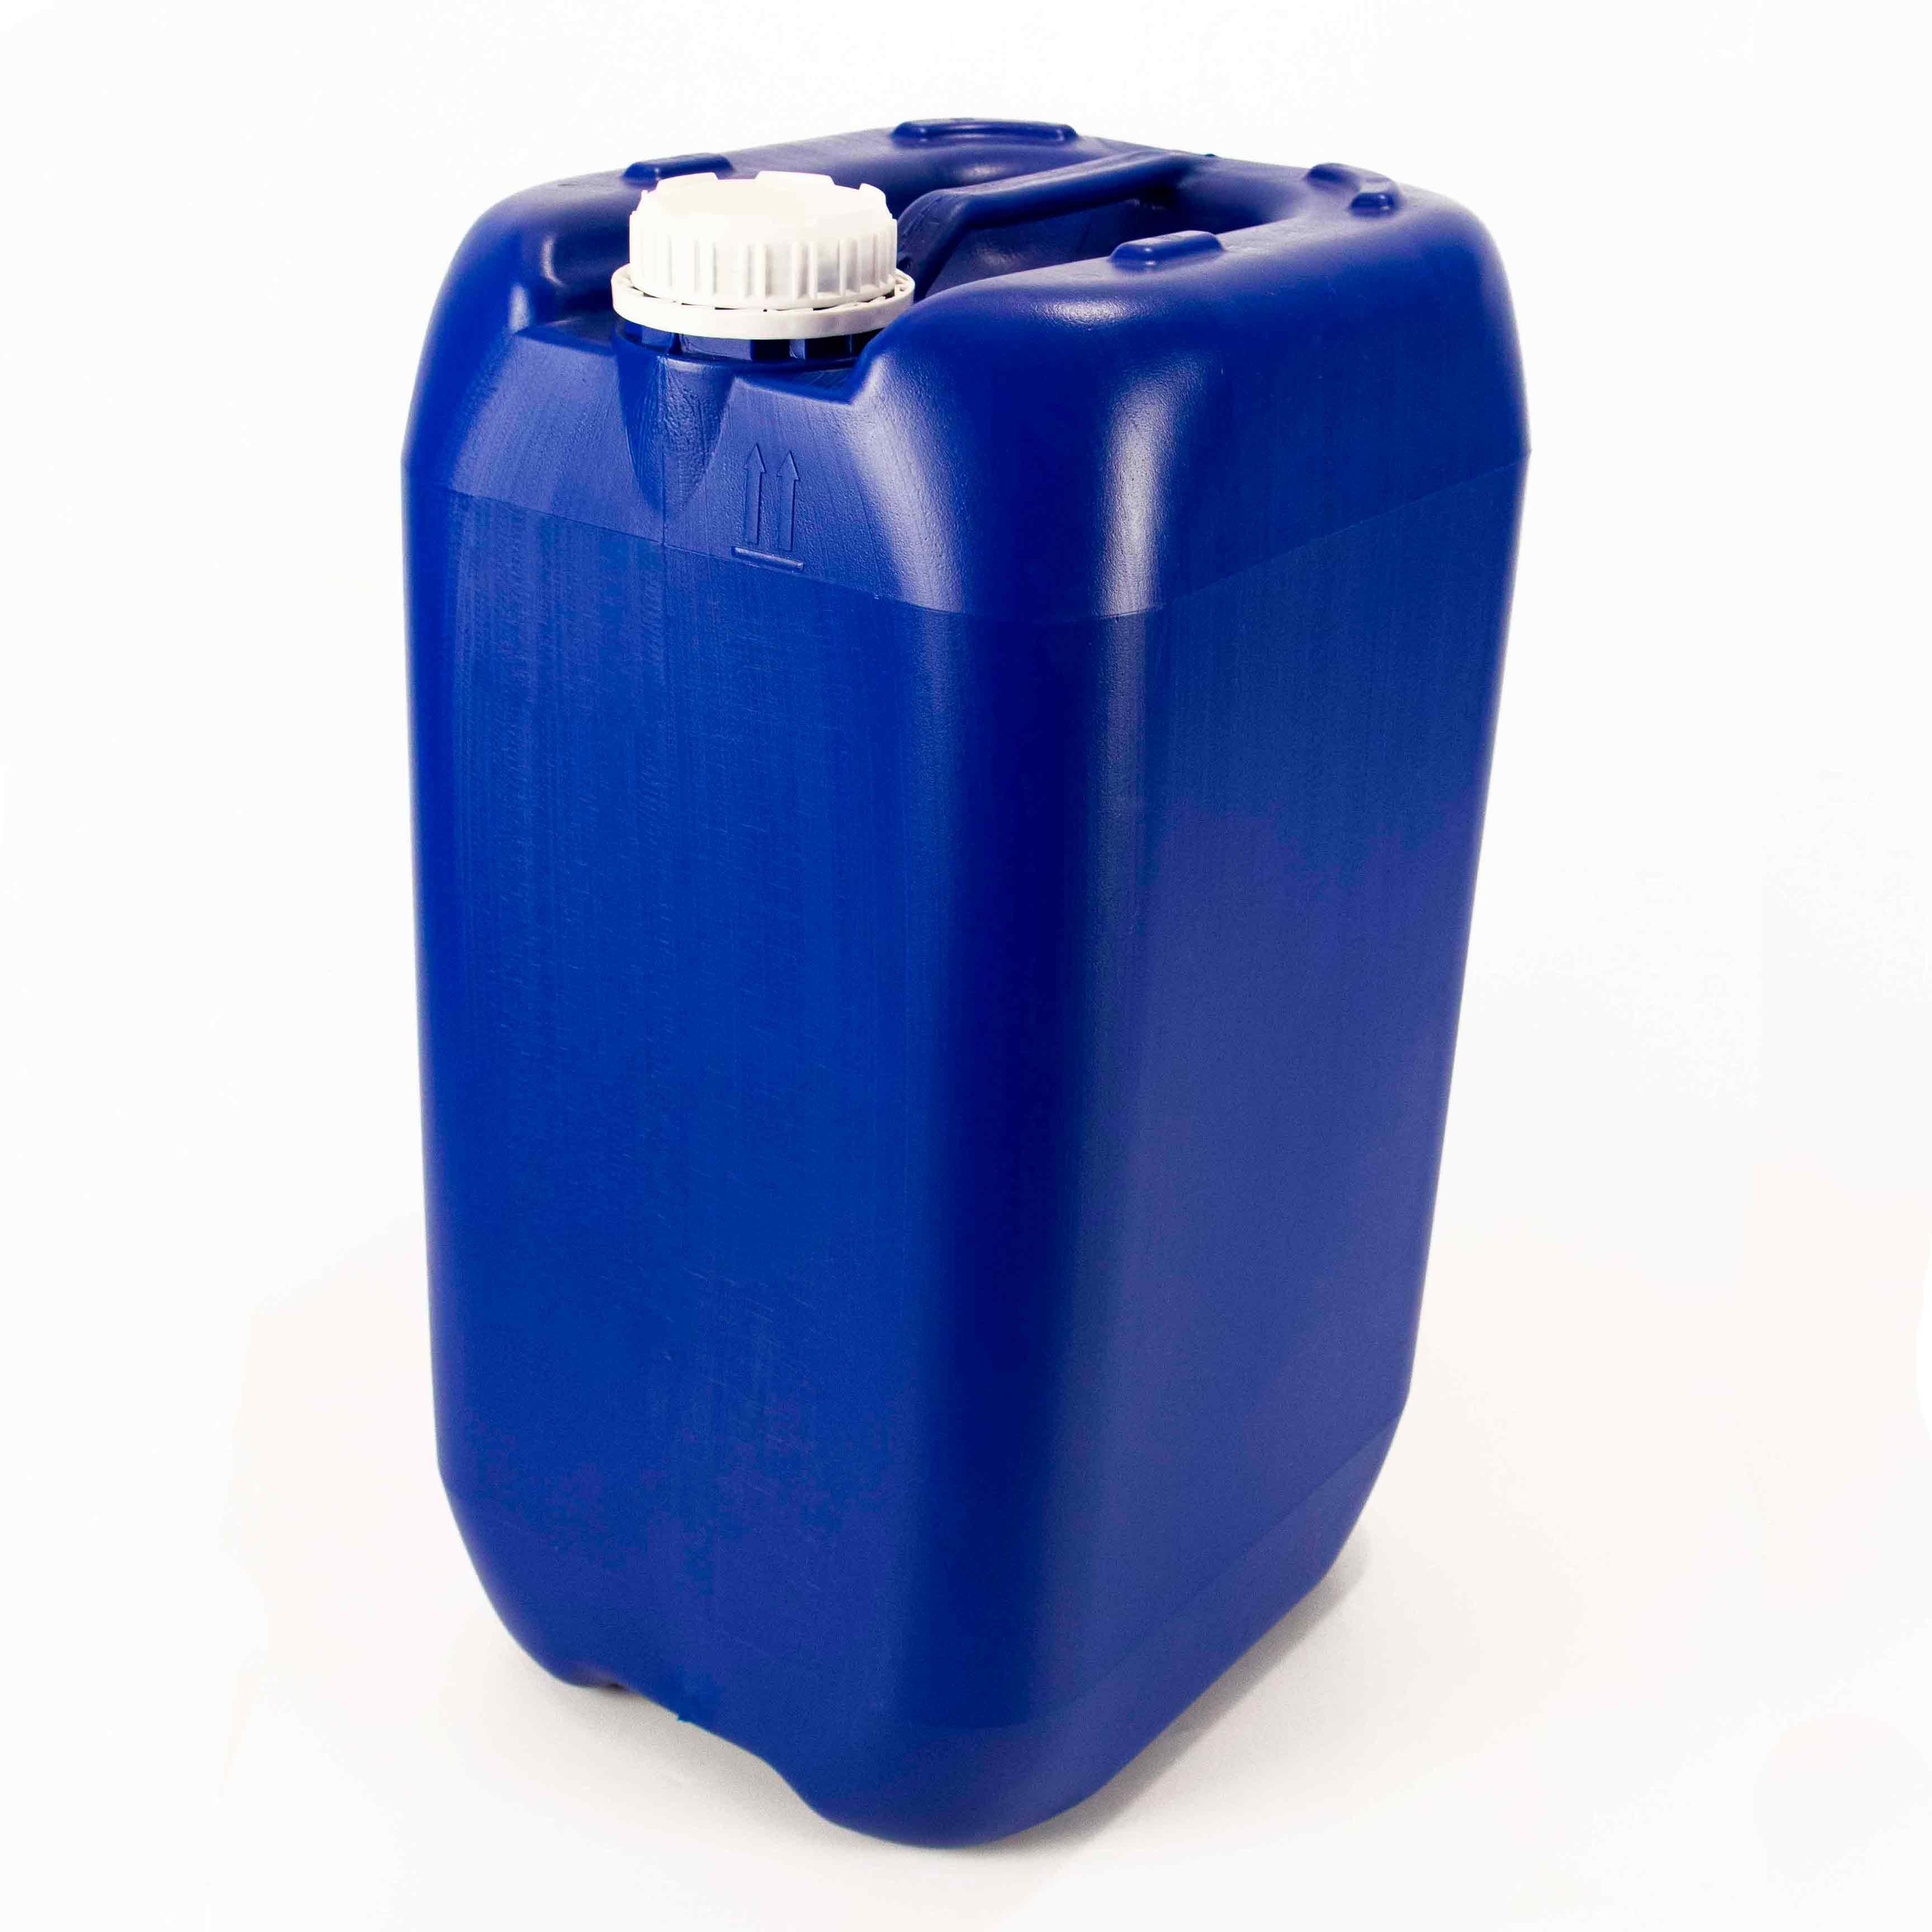 Bombona 30 litros virgem